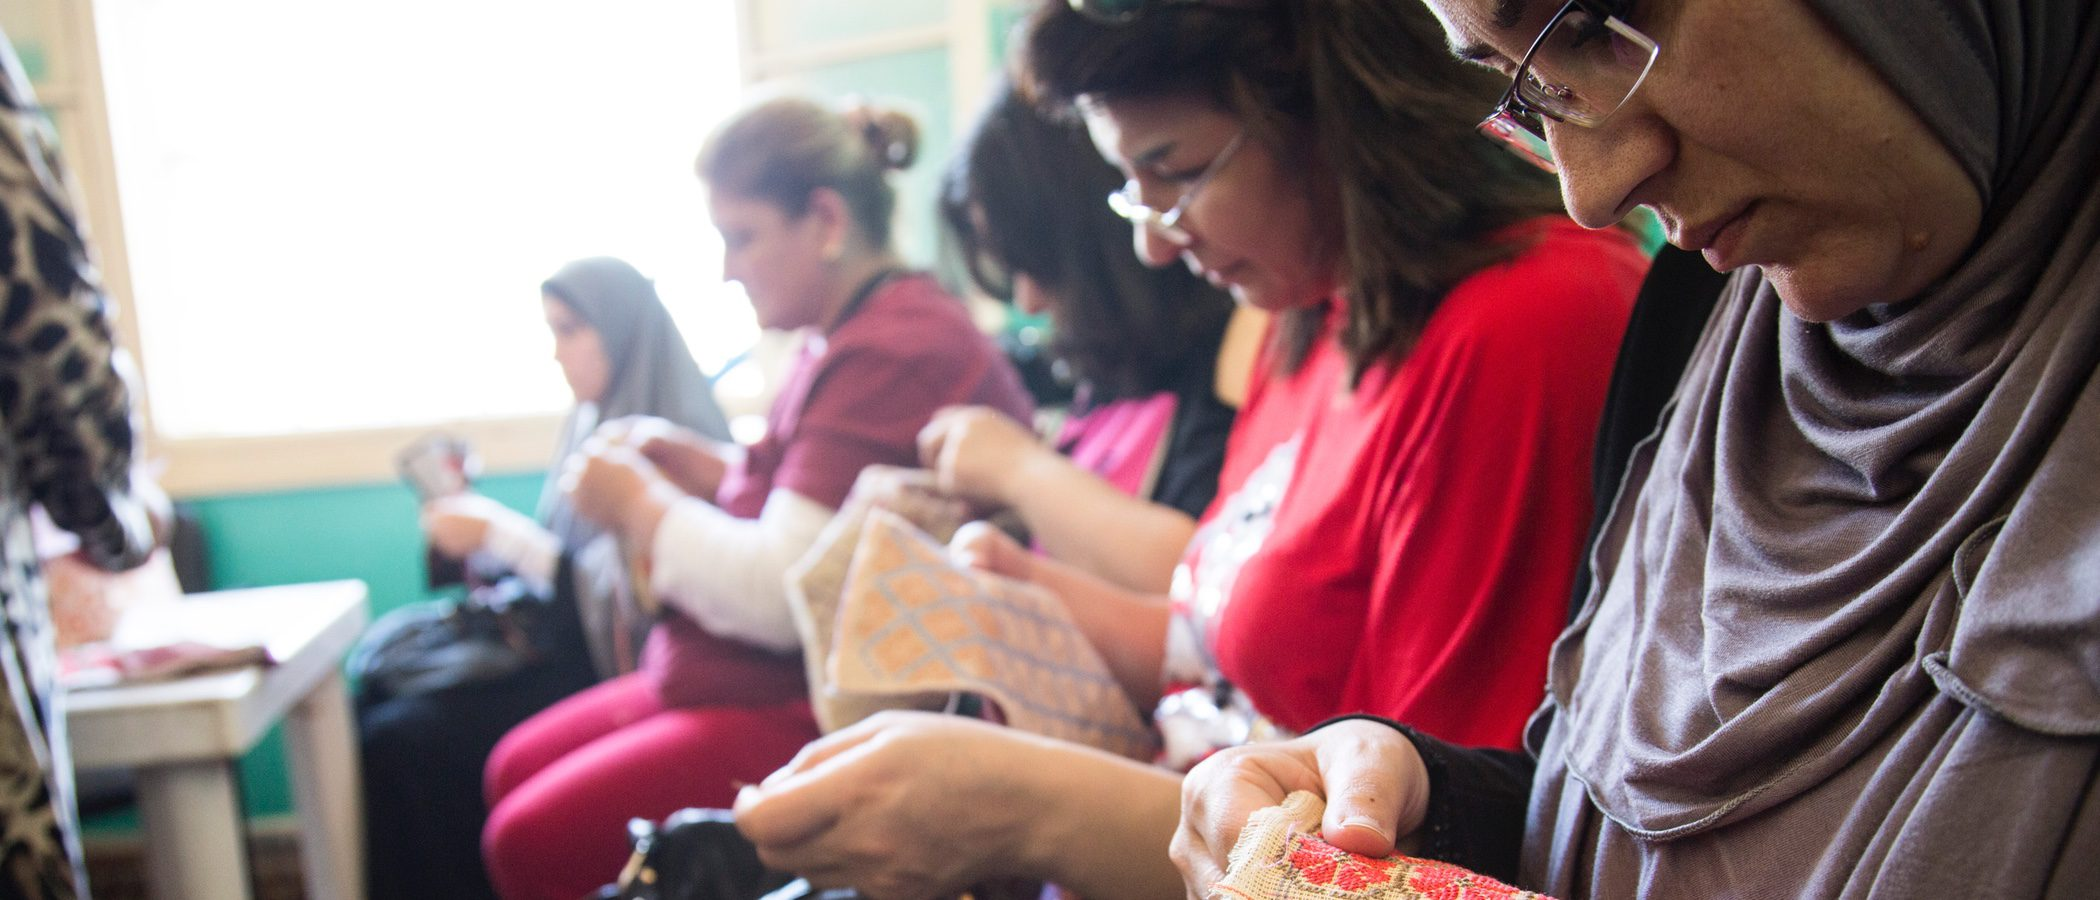 Gioseppo lanza una colección solidaria de sandalias para ayudar a mujeres refugiadas de Siria